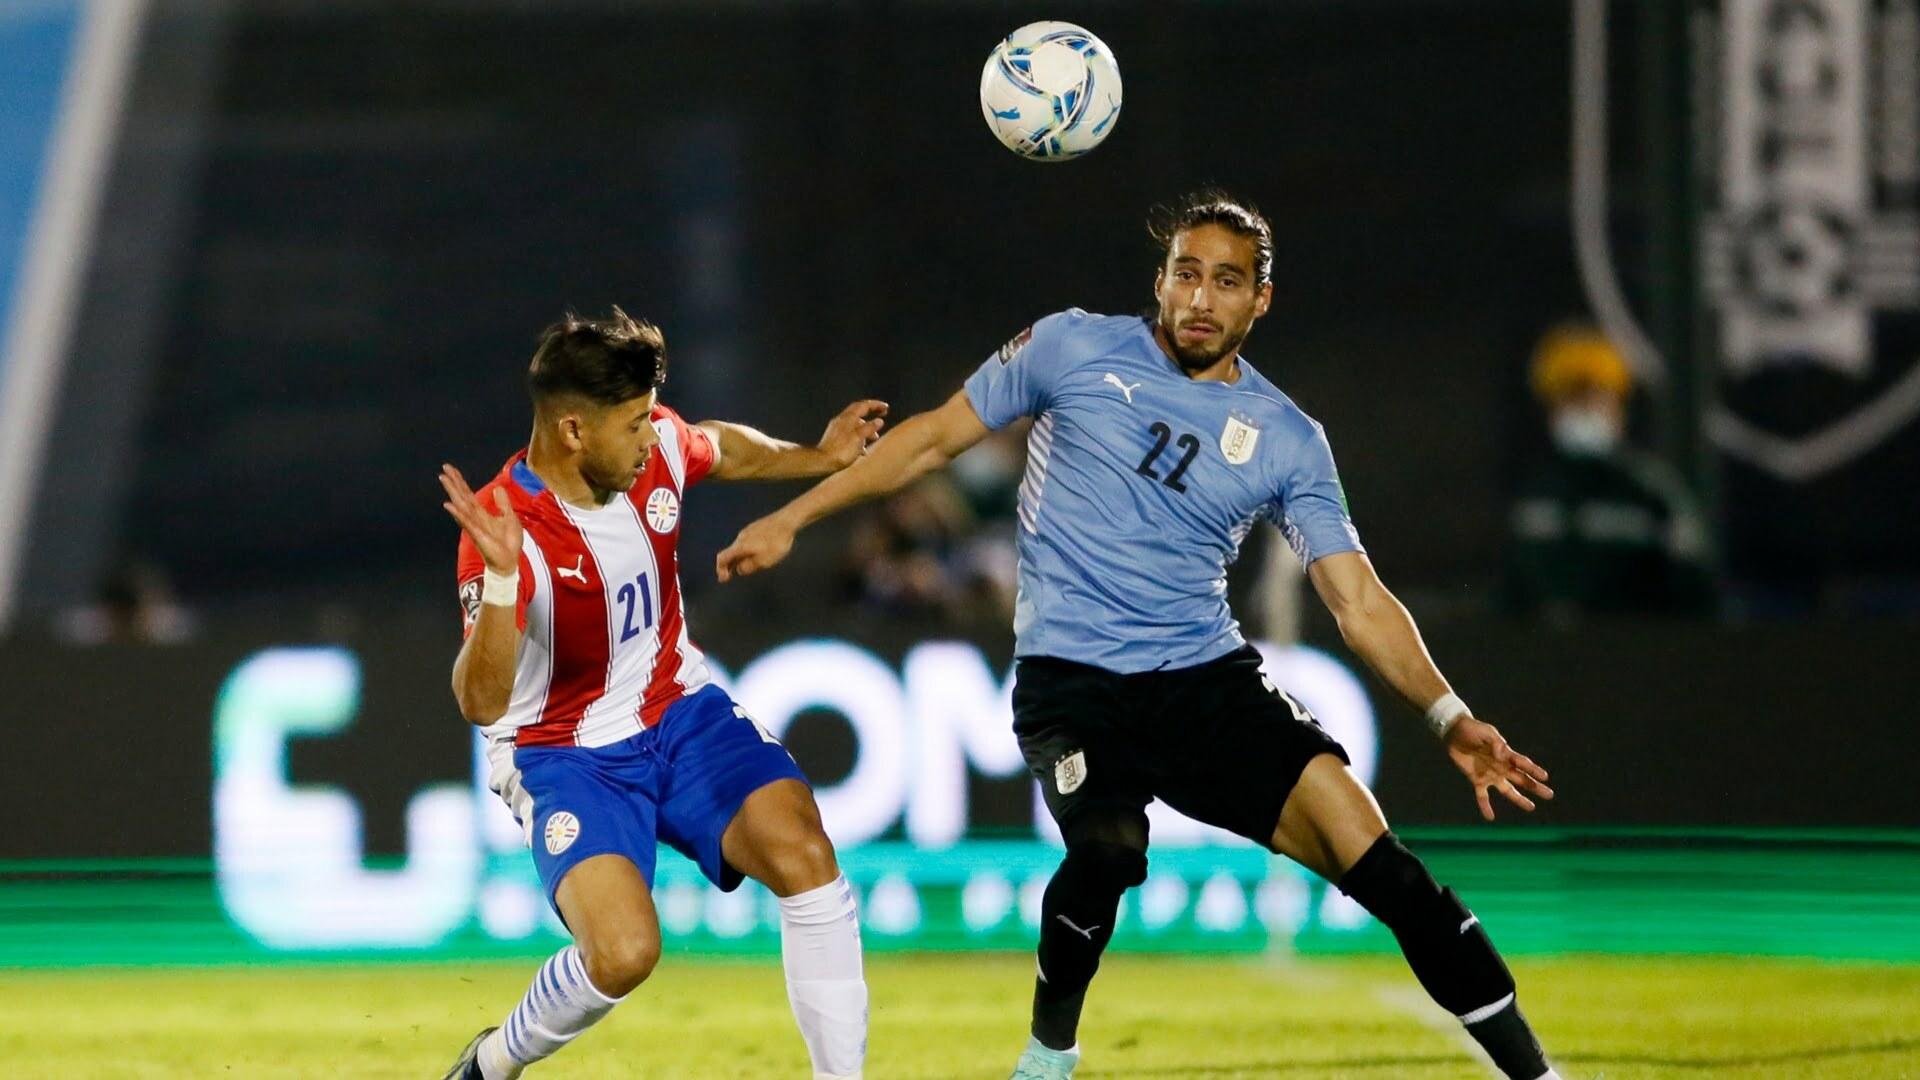 Uruguai vs Paraguai